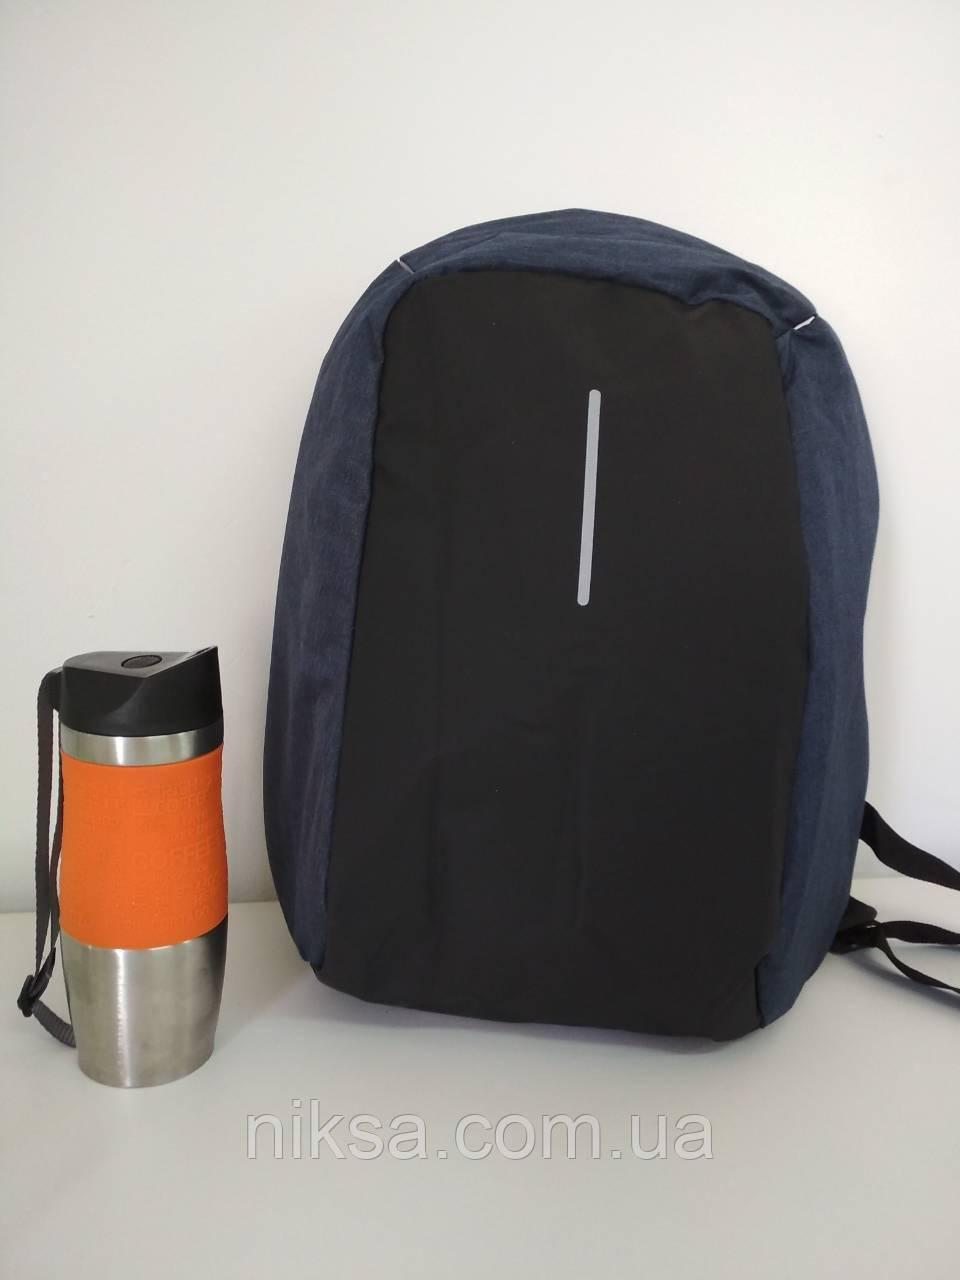 Рюкзак городской для ноутбуков c USB размер 40x30x10